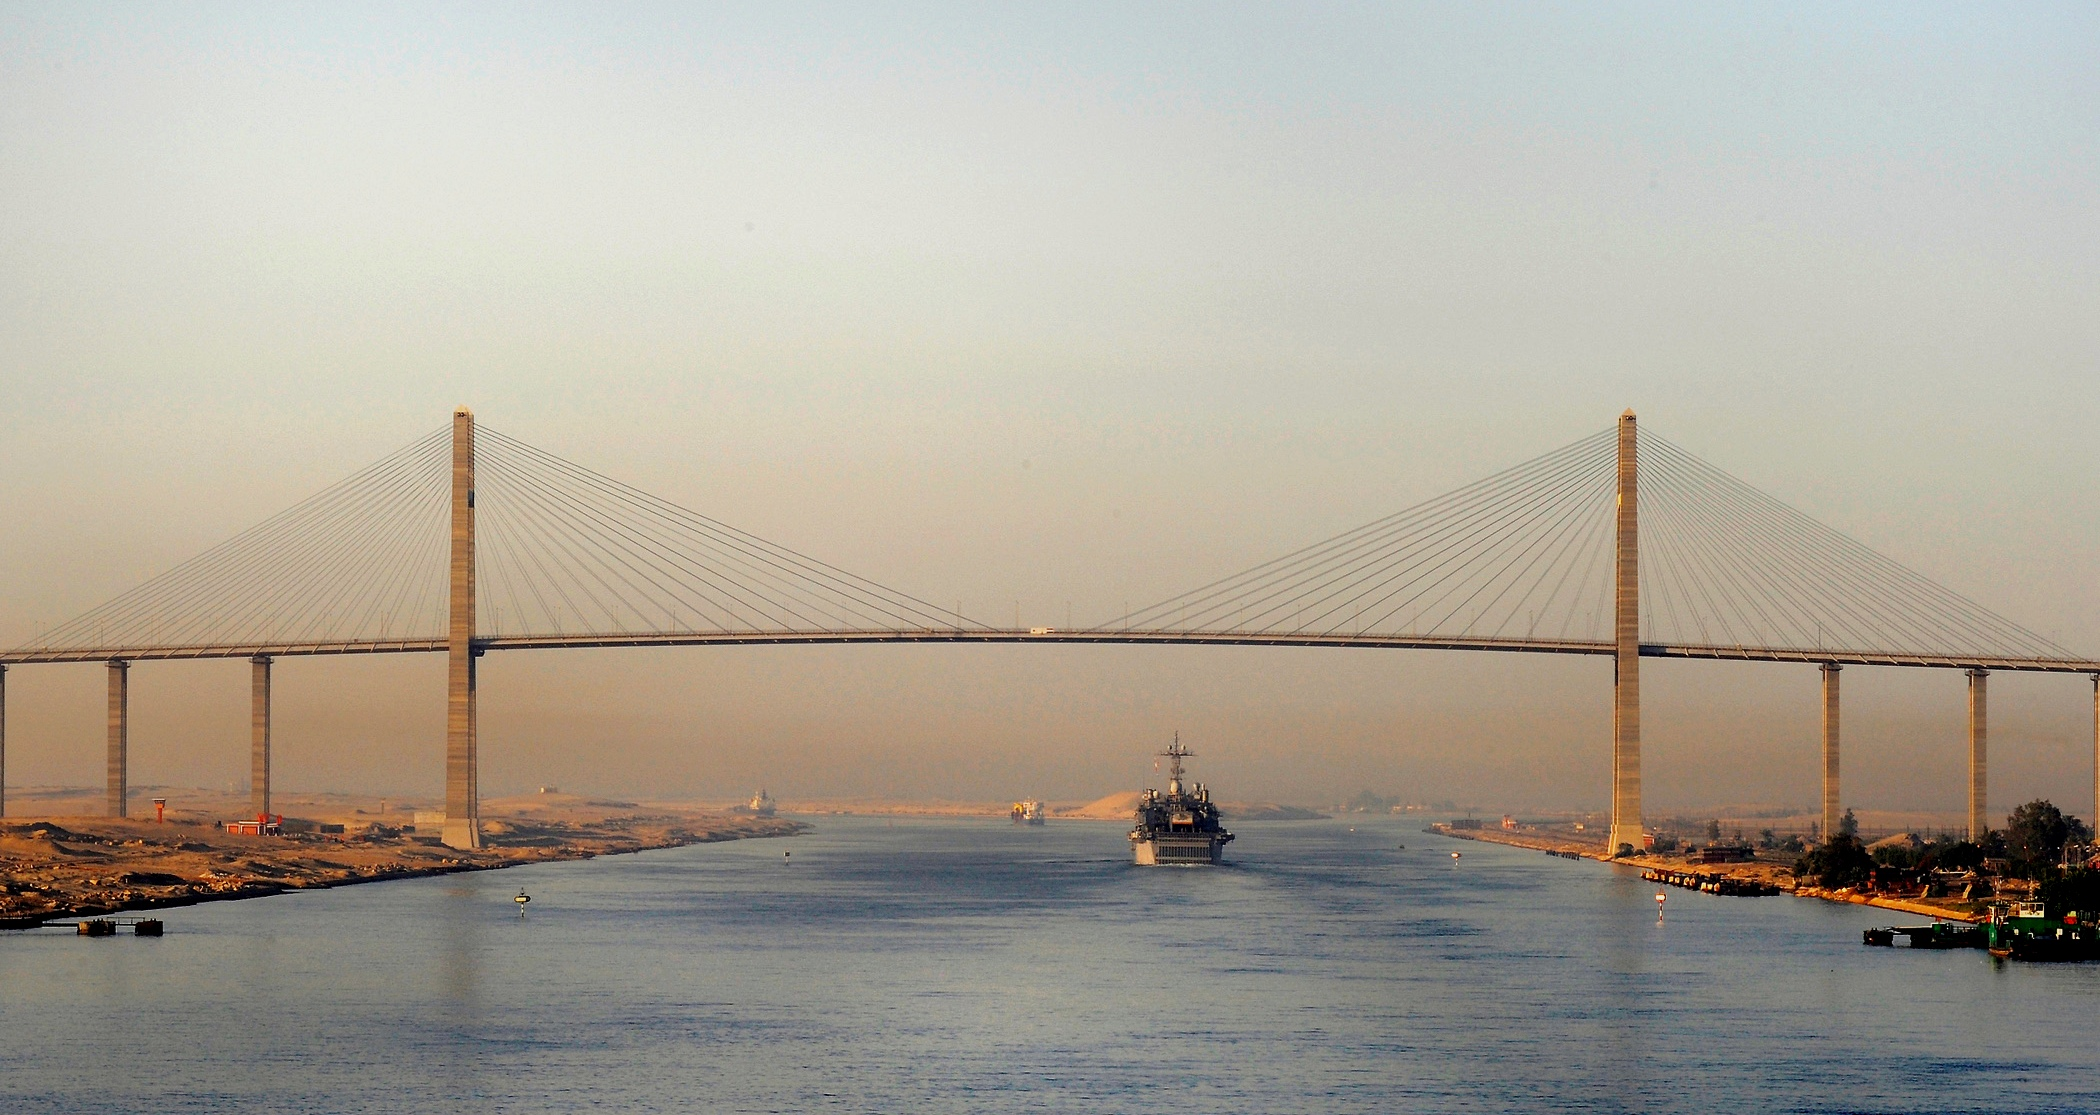 Depiction of Canal de Suez